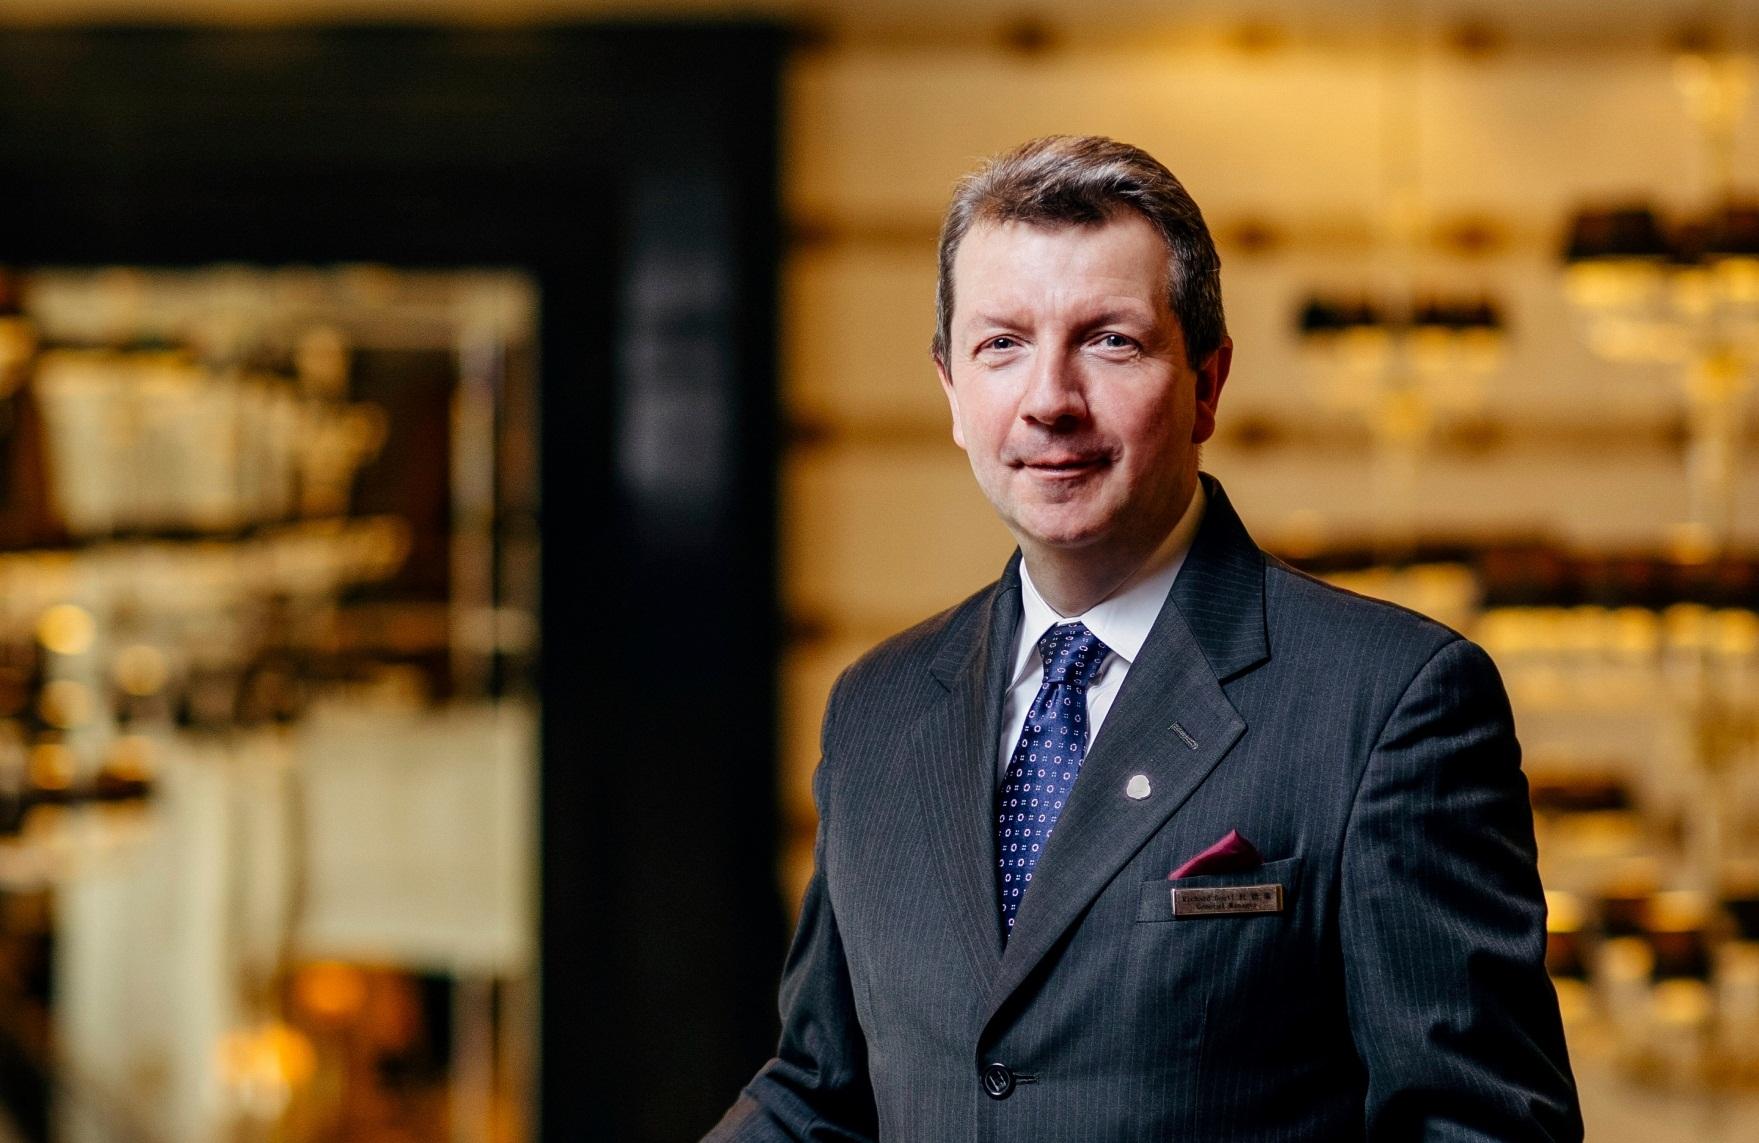 北京瑞吉酒店任命杜德瑞为总经理